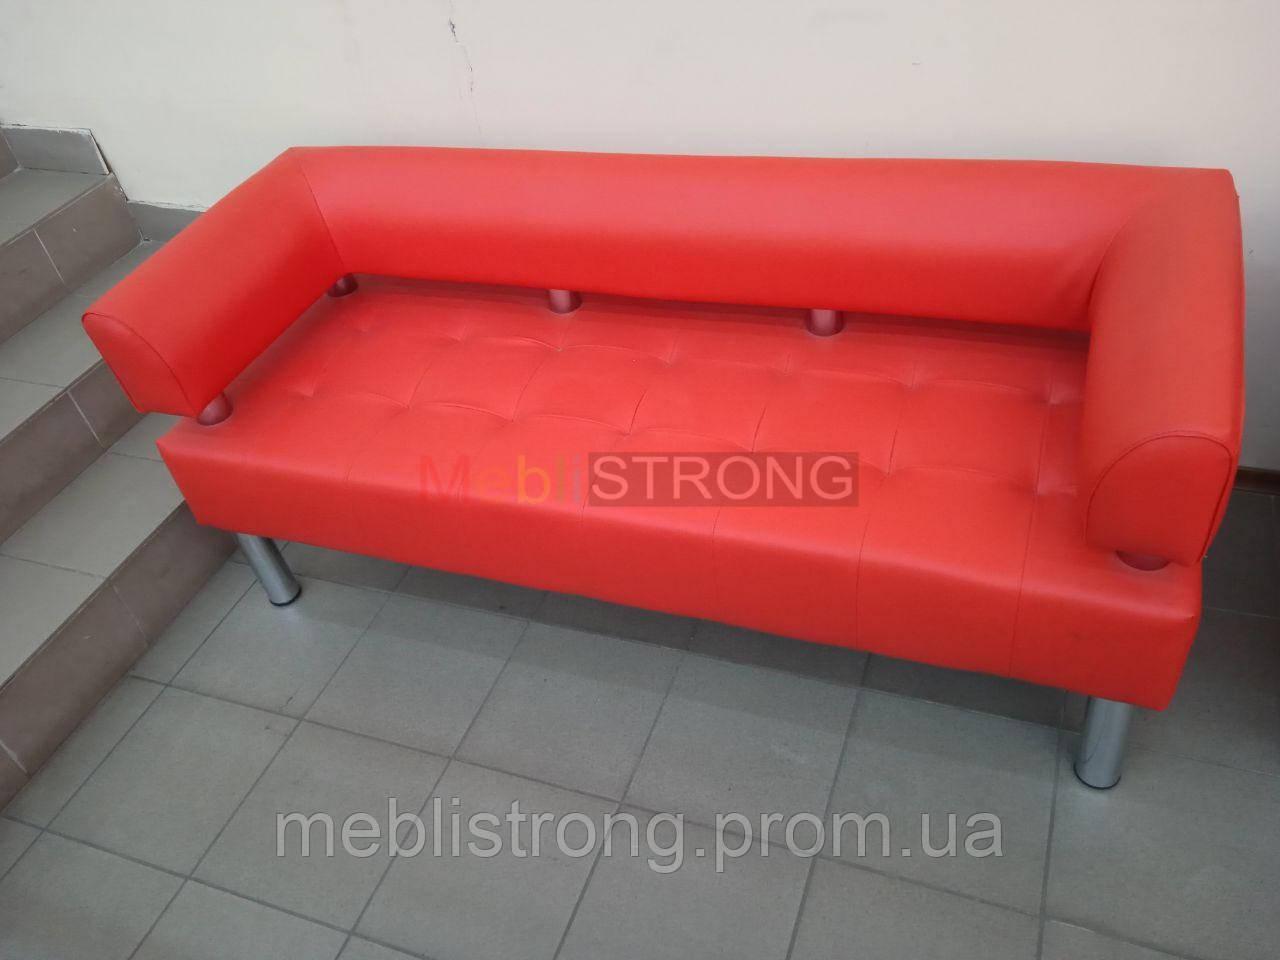 Офисный диван в офис Стронг (MebliSTRONG) - коралловый цвет